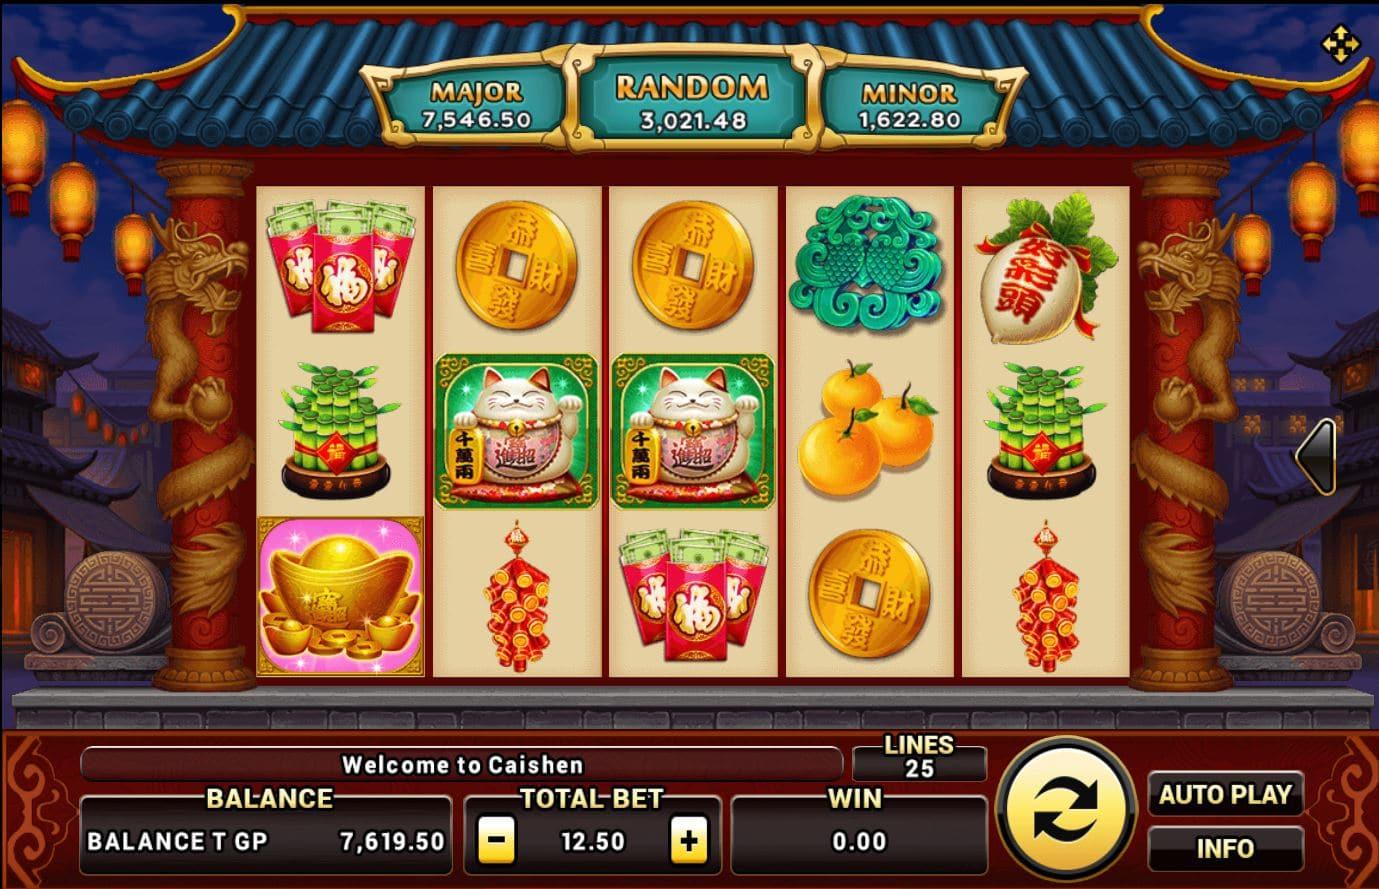 สล็อต 9 มี Slot ให้เลือกเล่นมากกว่า 500 เกมเกม Dragon Power Flame-เกม-Supreme-Caishen